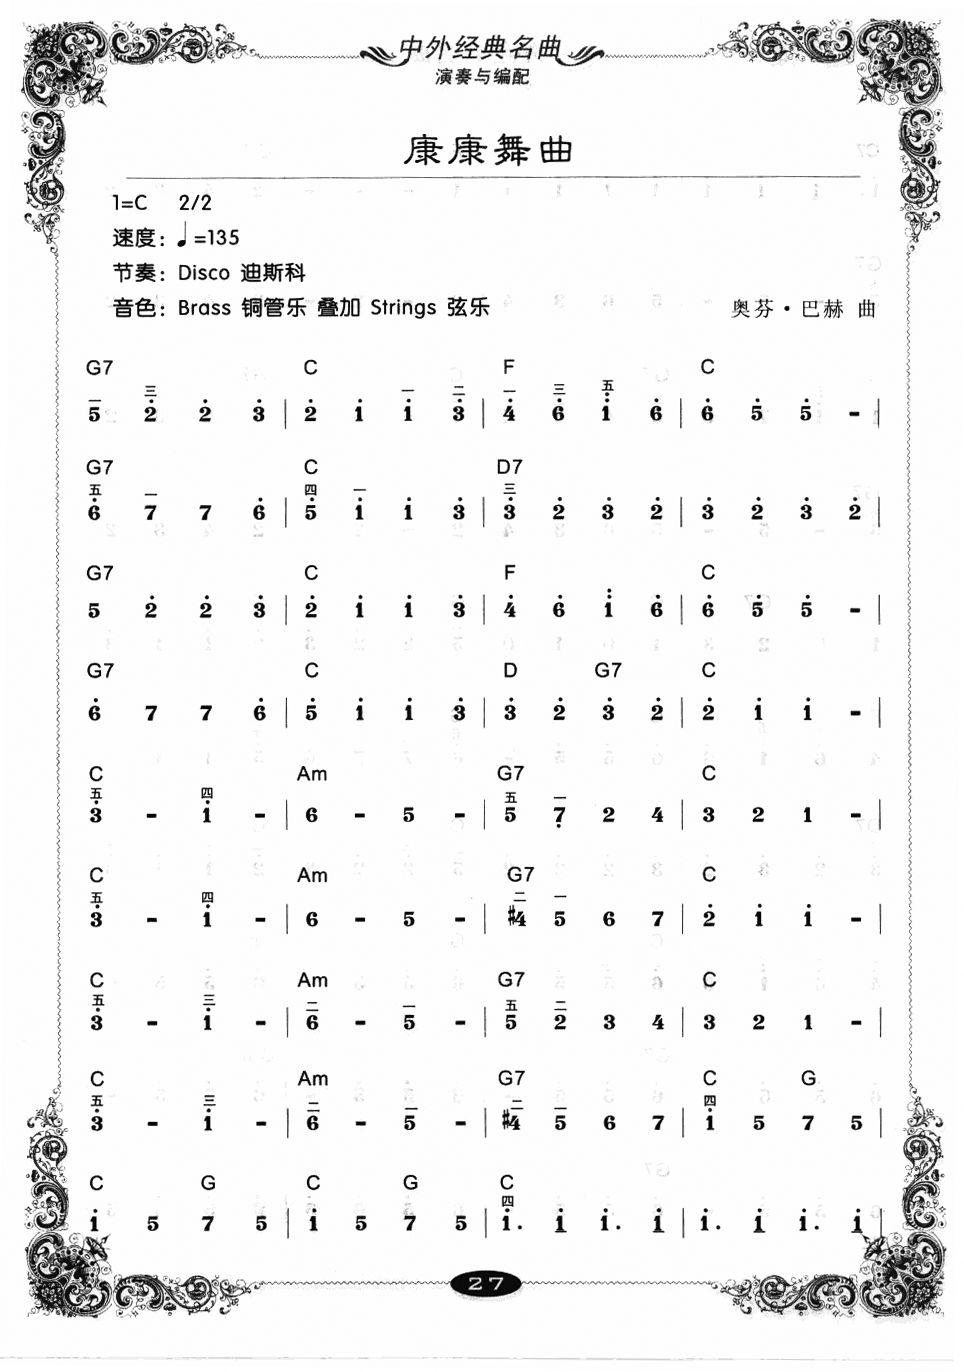 康康舞曲_电子琴谱_搜谱网